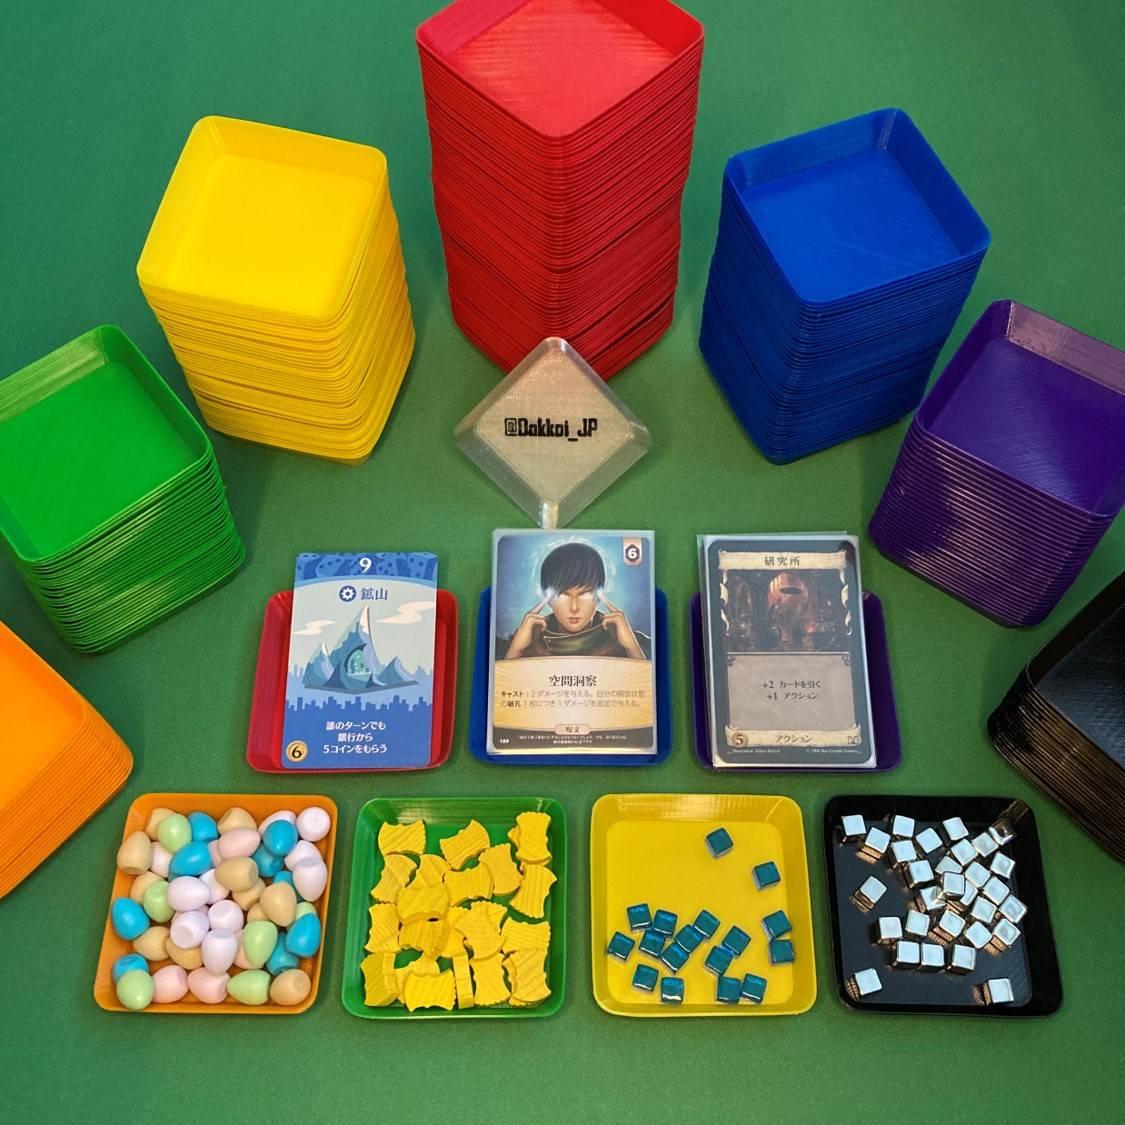 【ソ23】カード置場にもなる柔らかいトークントレイのご紹介